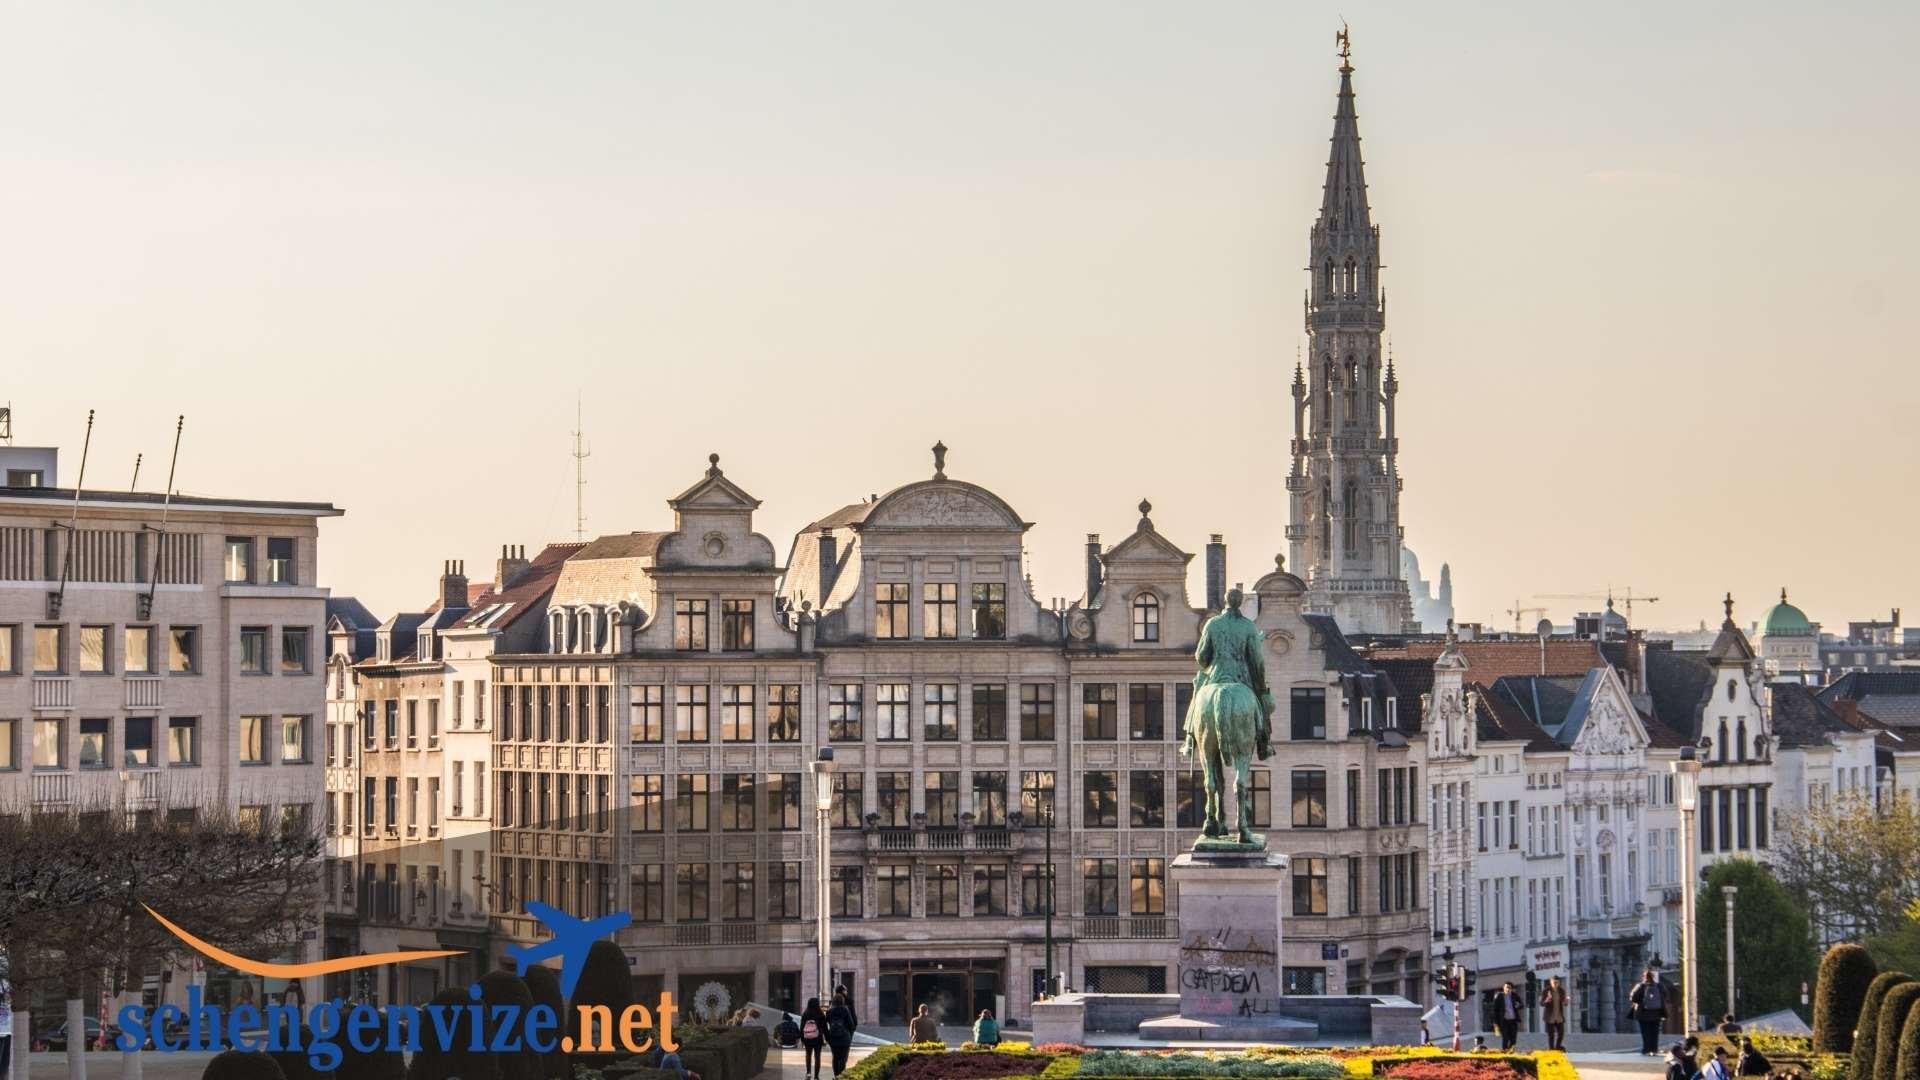 Belçika Vize Ücretini Öderken ve Başvuruda Bulunurken Dikkat Edilmesi Gerekenler